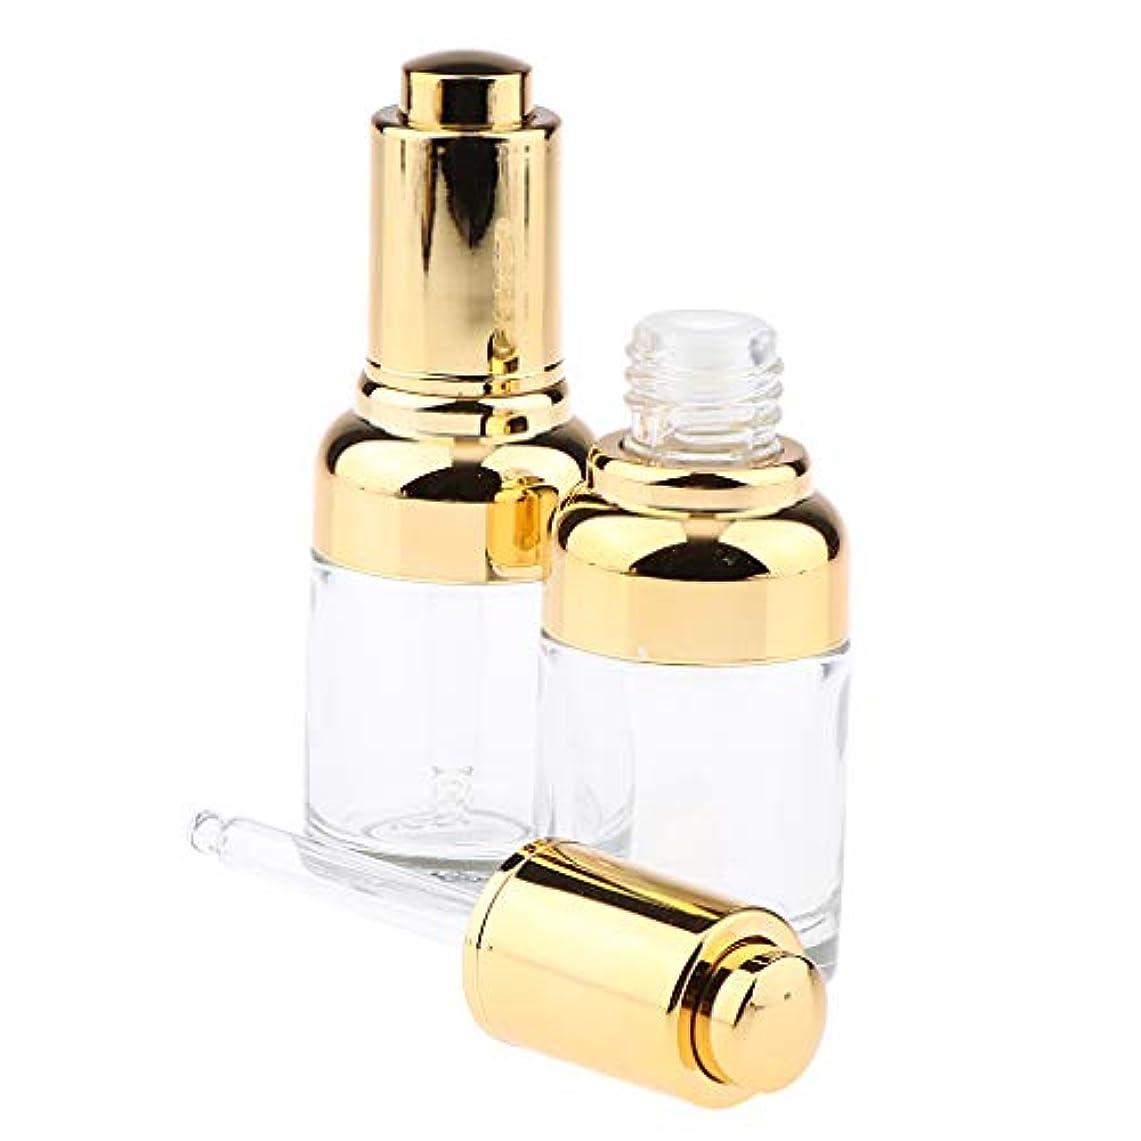 発掘起きて風味F Fityle 2個 ガラス瓶 ドロッパーボトル エッセンシャルオイルディスペンサー 香水ピペット バイアル 30ml